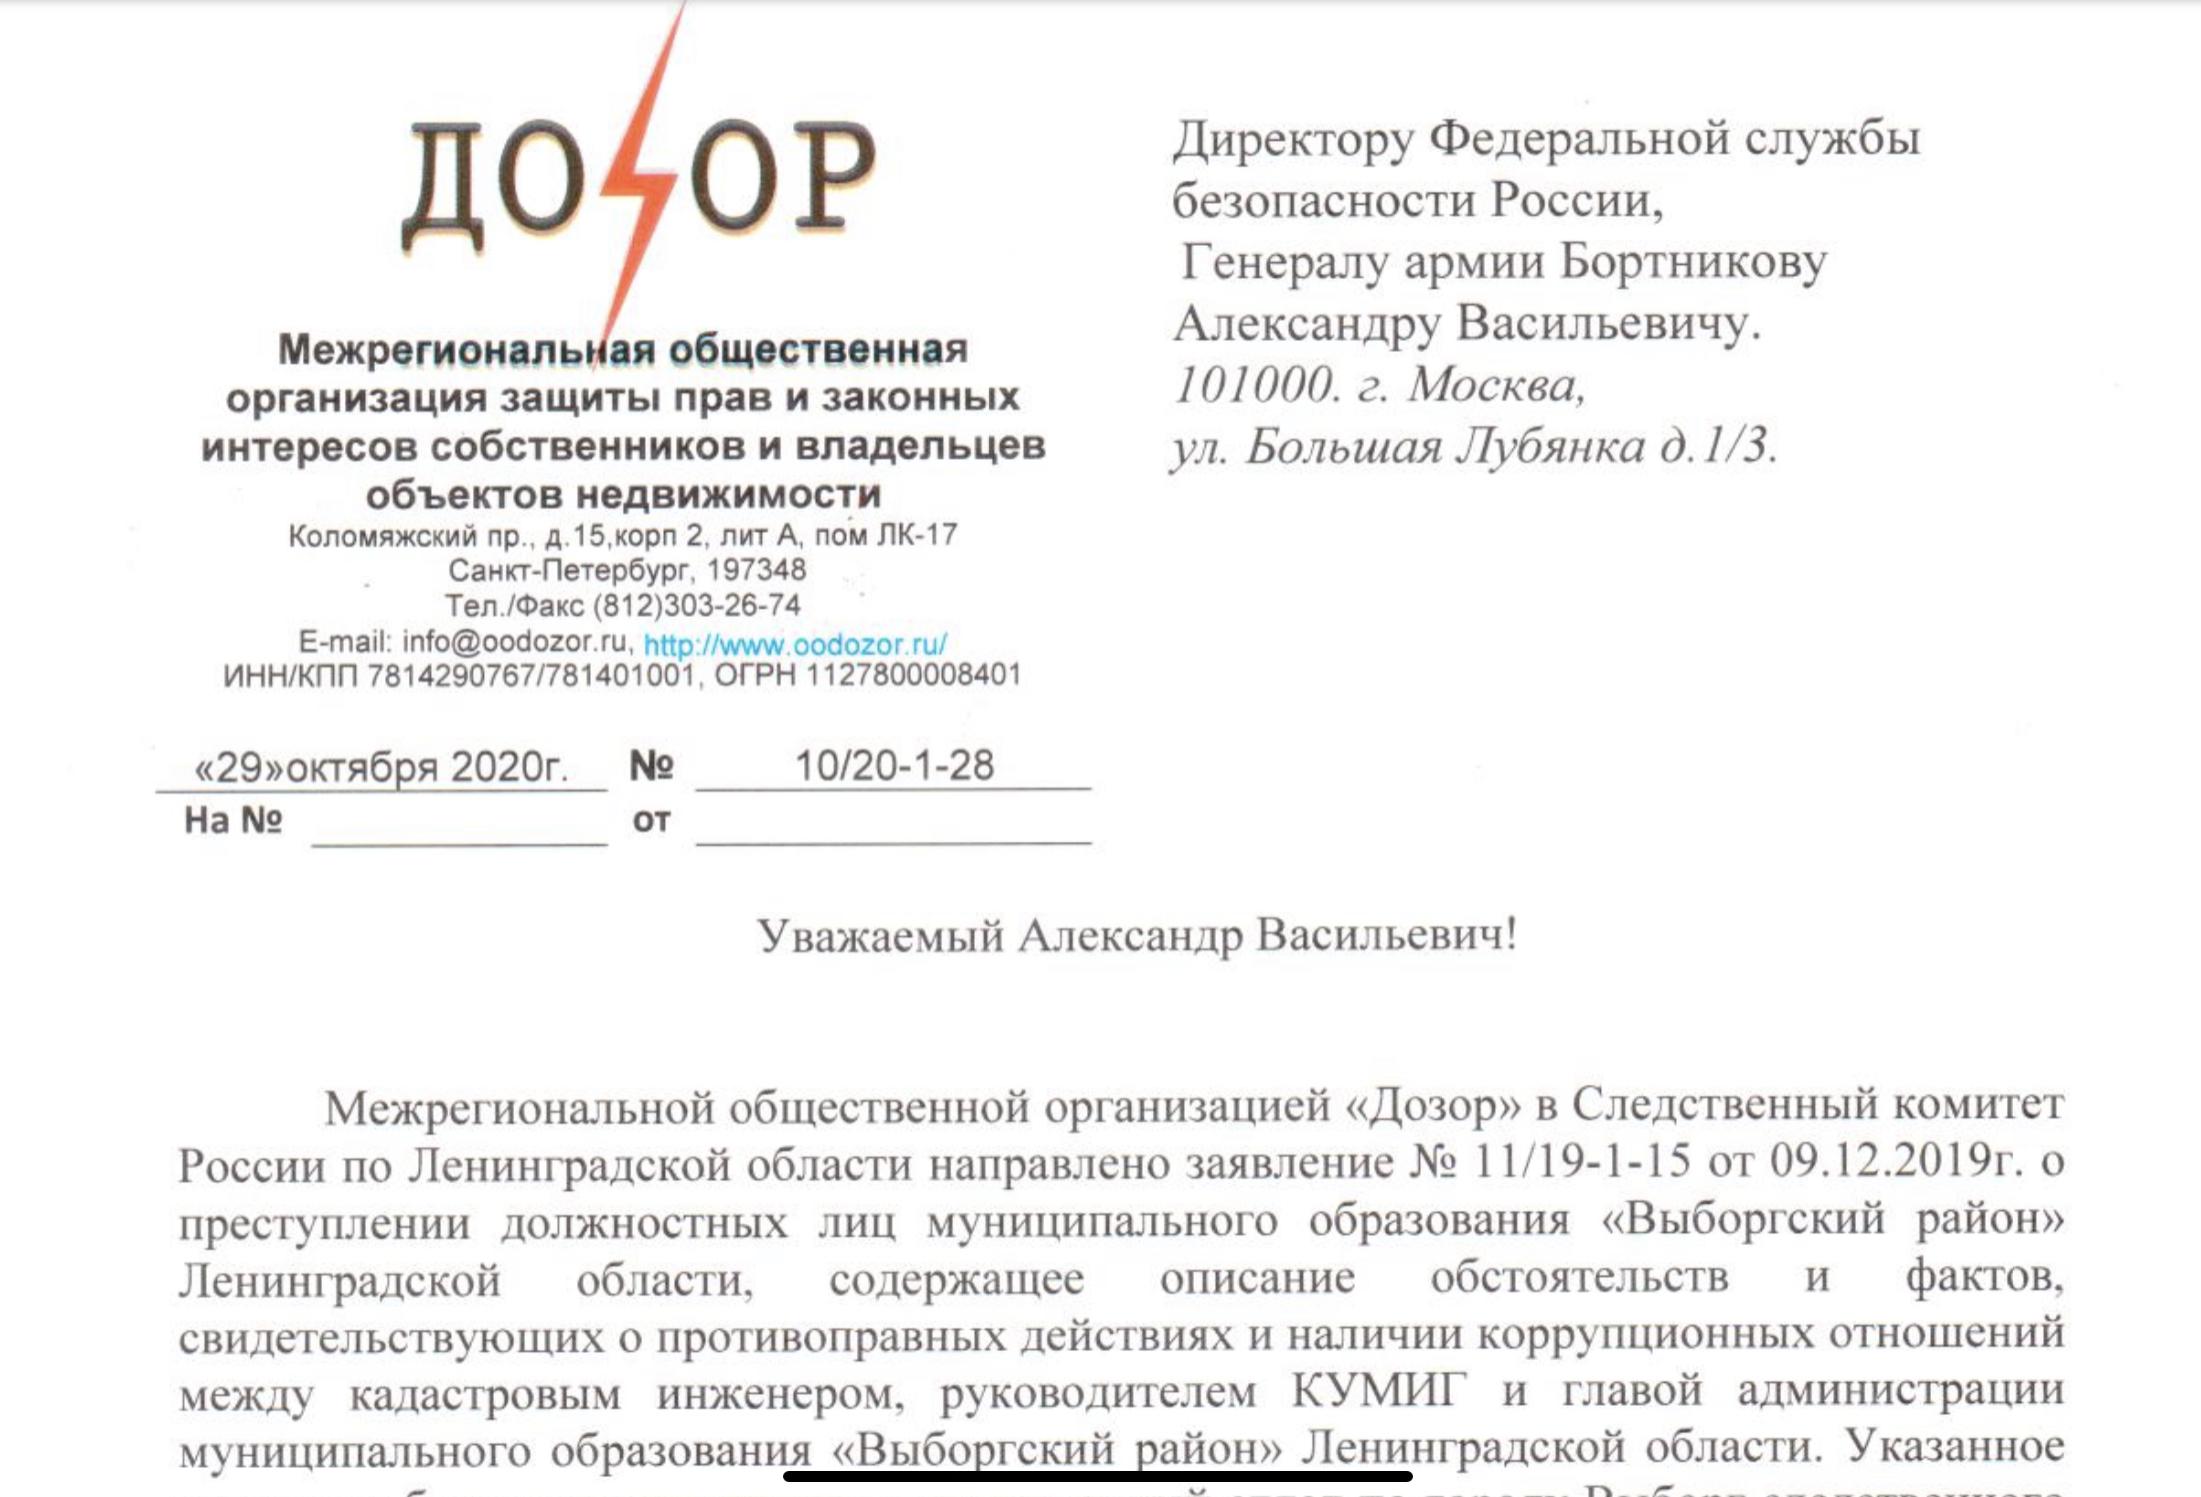 ОБРАЩЕНИЕ к Директору Федеральной службы безопасности России Генералу армии Бортникова Александру Васильевичу